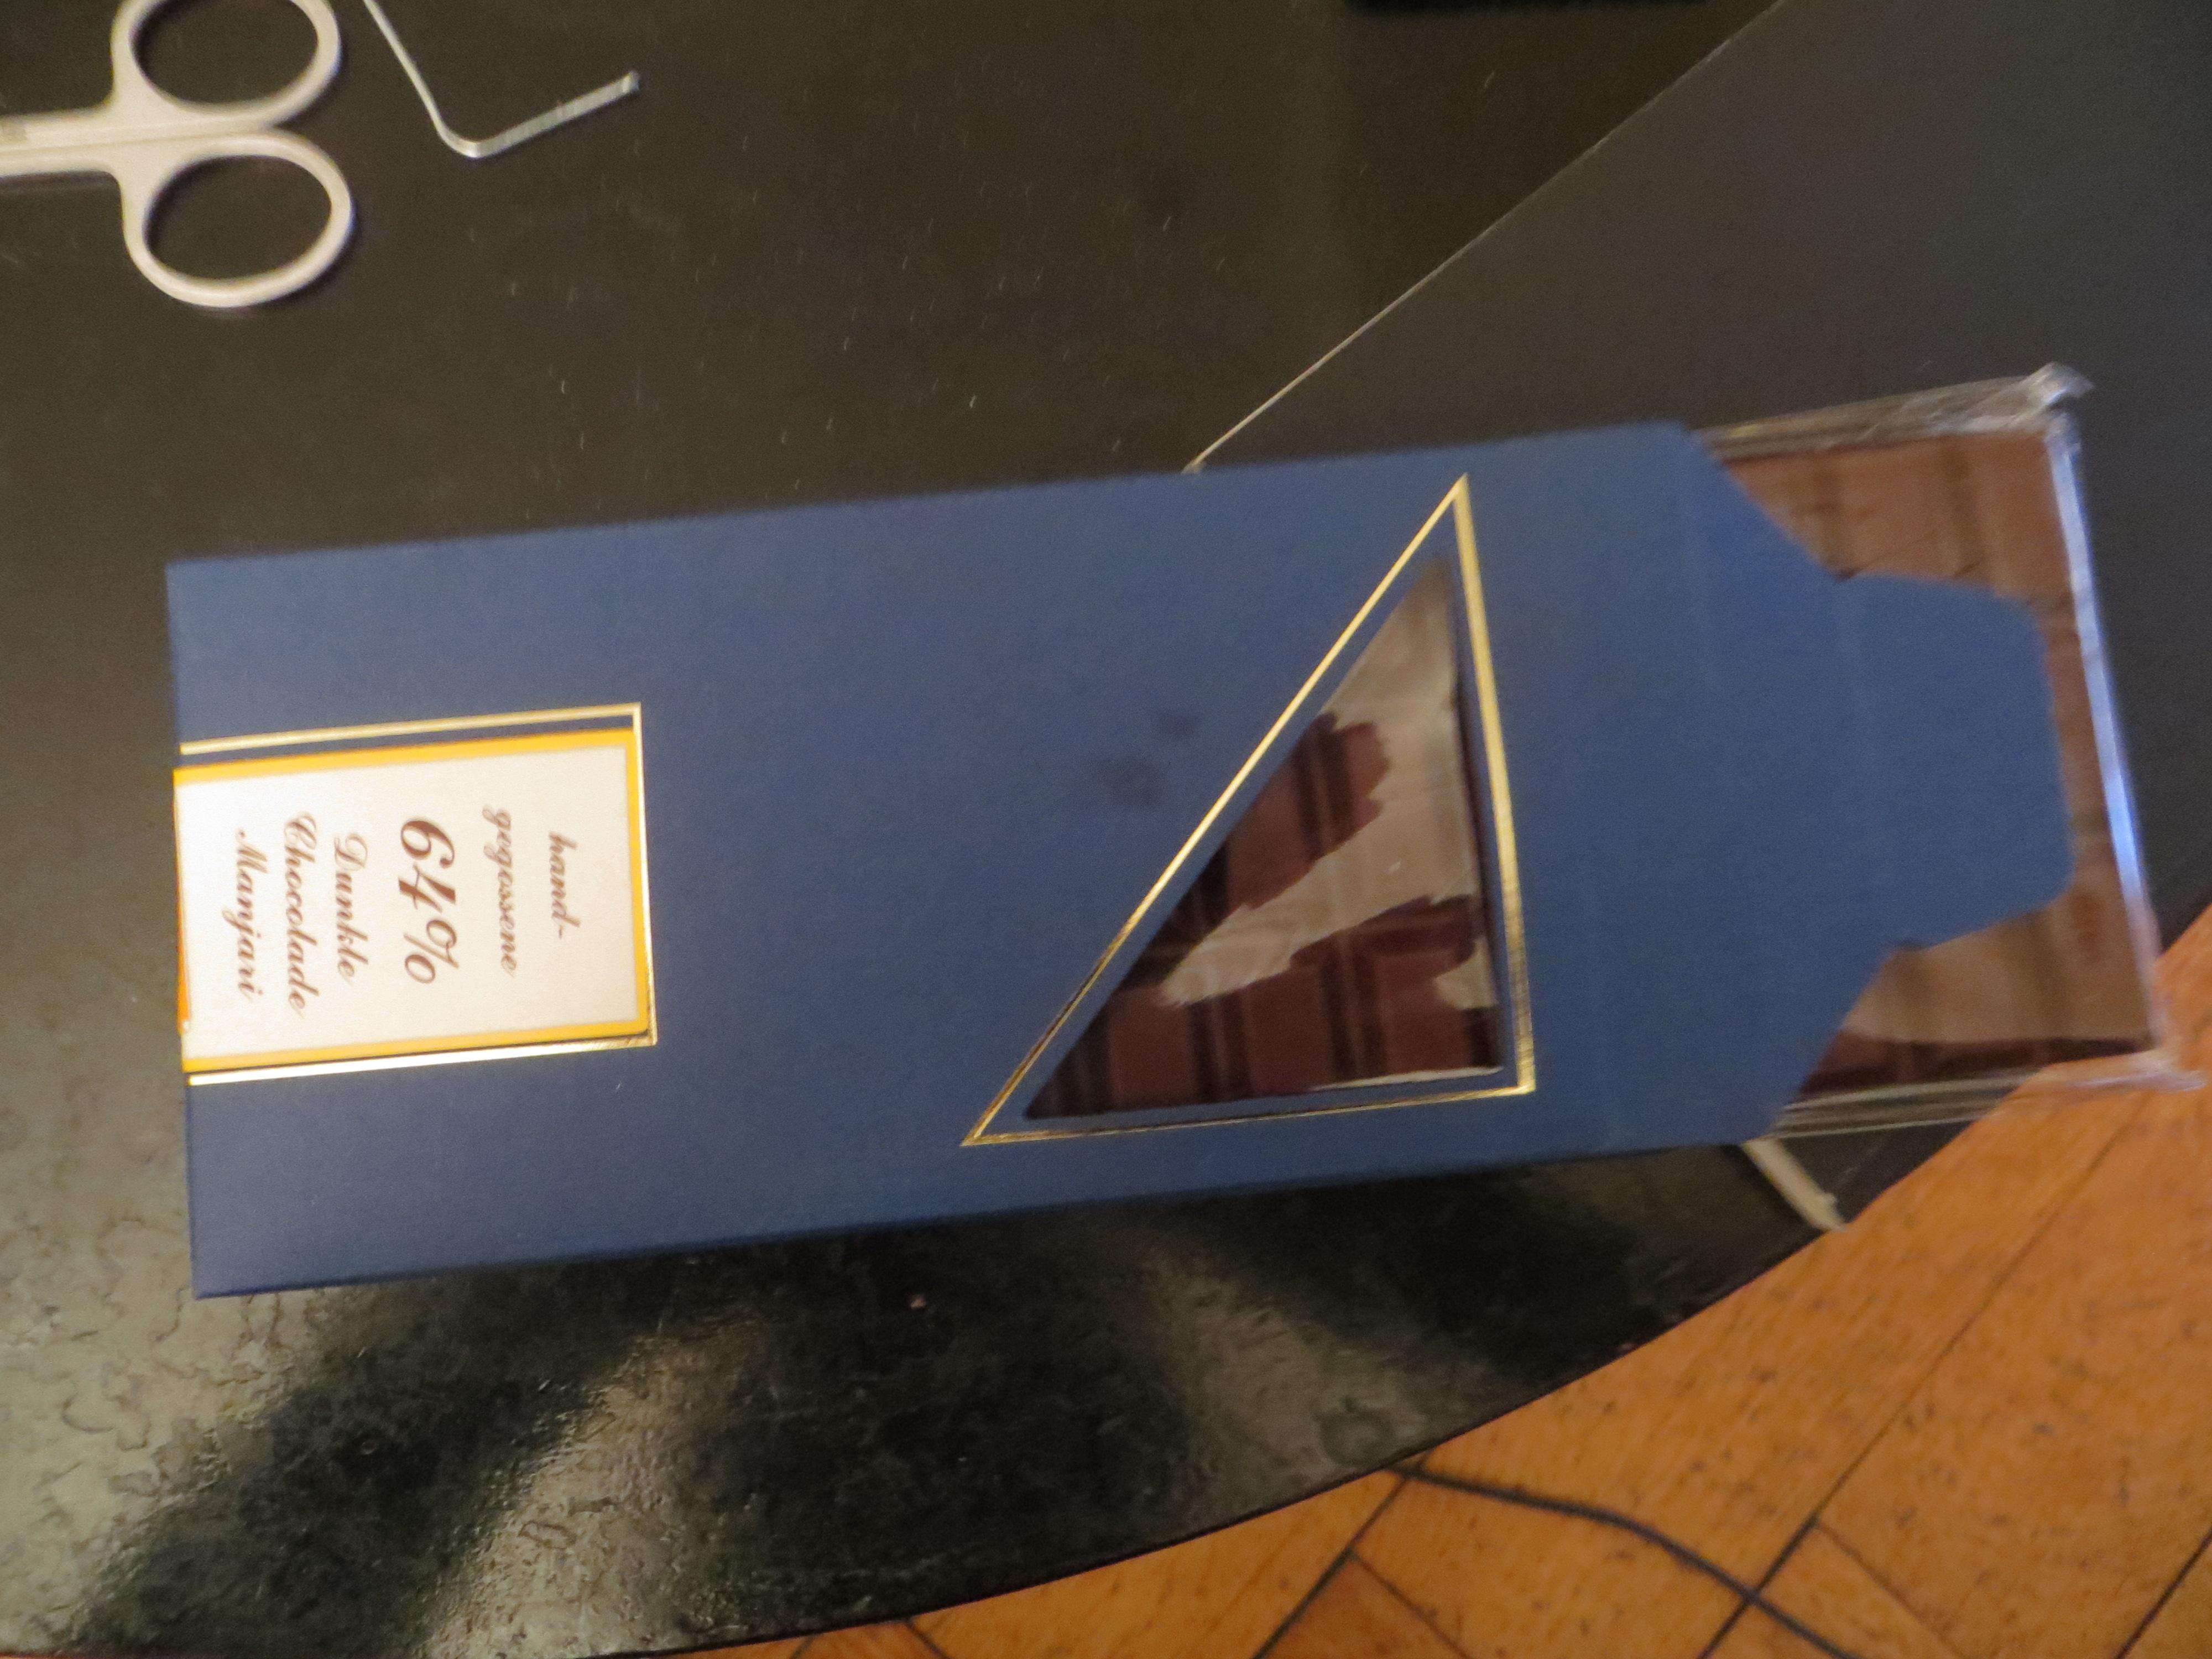 die nicht zu hell dietmar moews 39 s blog. Black Bedroom Furniture Sets. Home Design Ideas